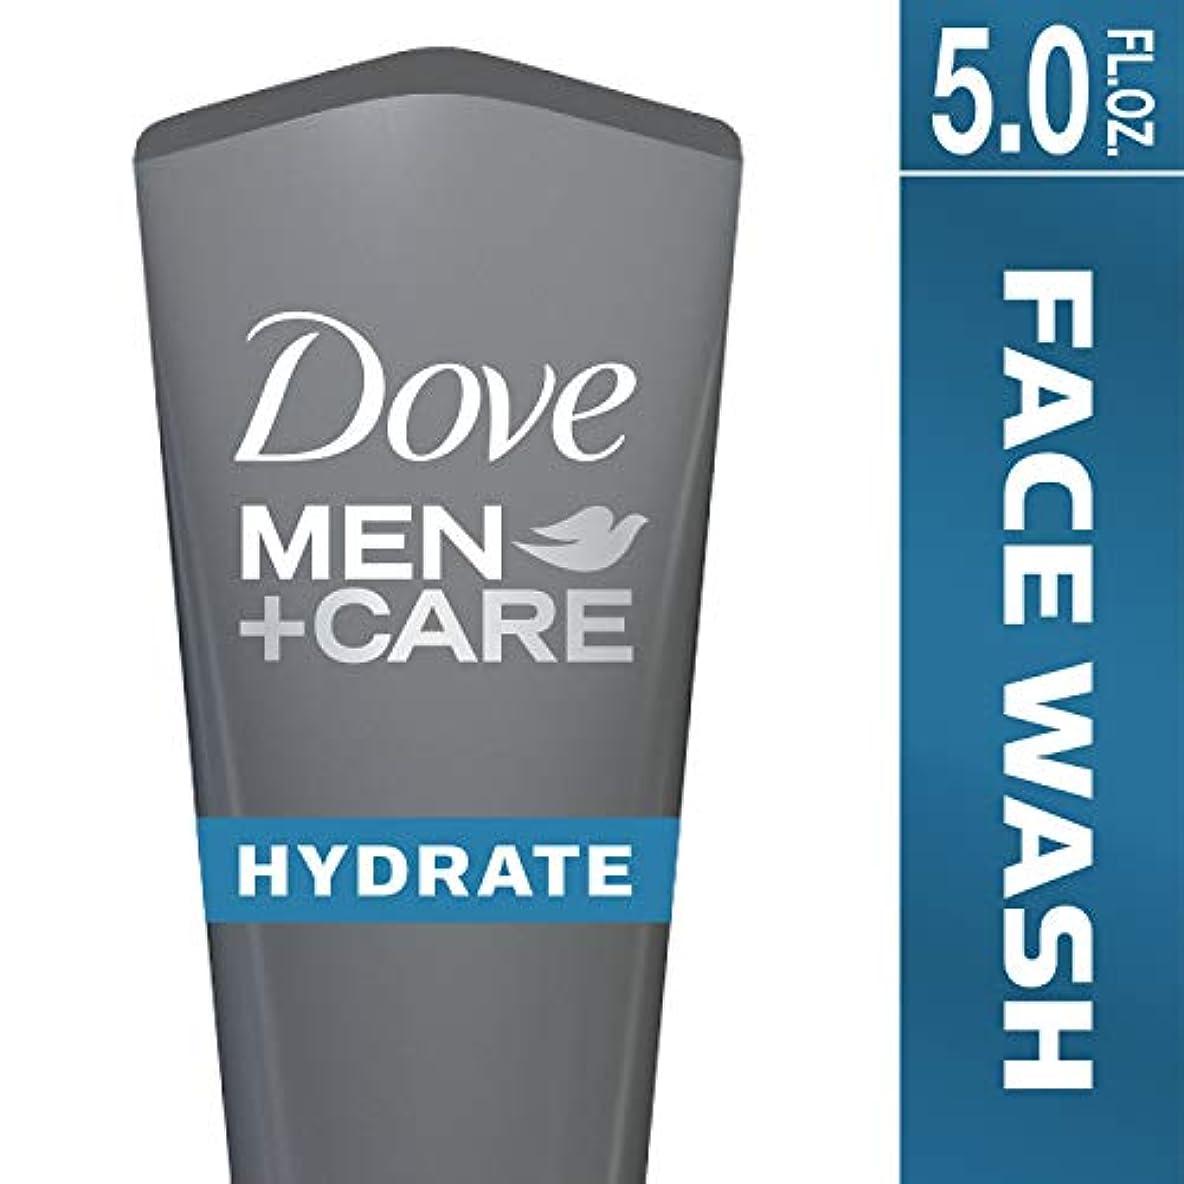 弱点金曜日組み合わせるDove Men+Care フェイスウォッシュ 保湿+ 147.9ml (5オンス) 147.9ml (5オンス)